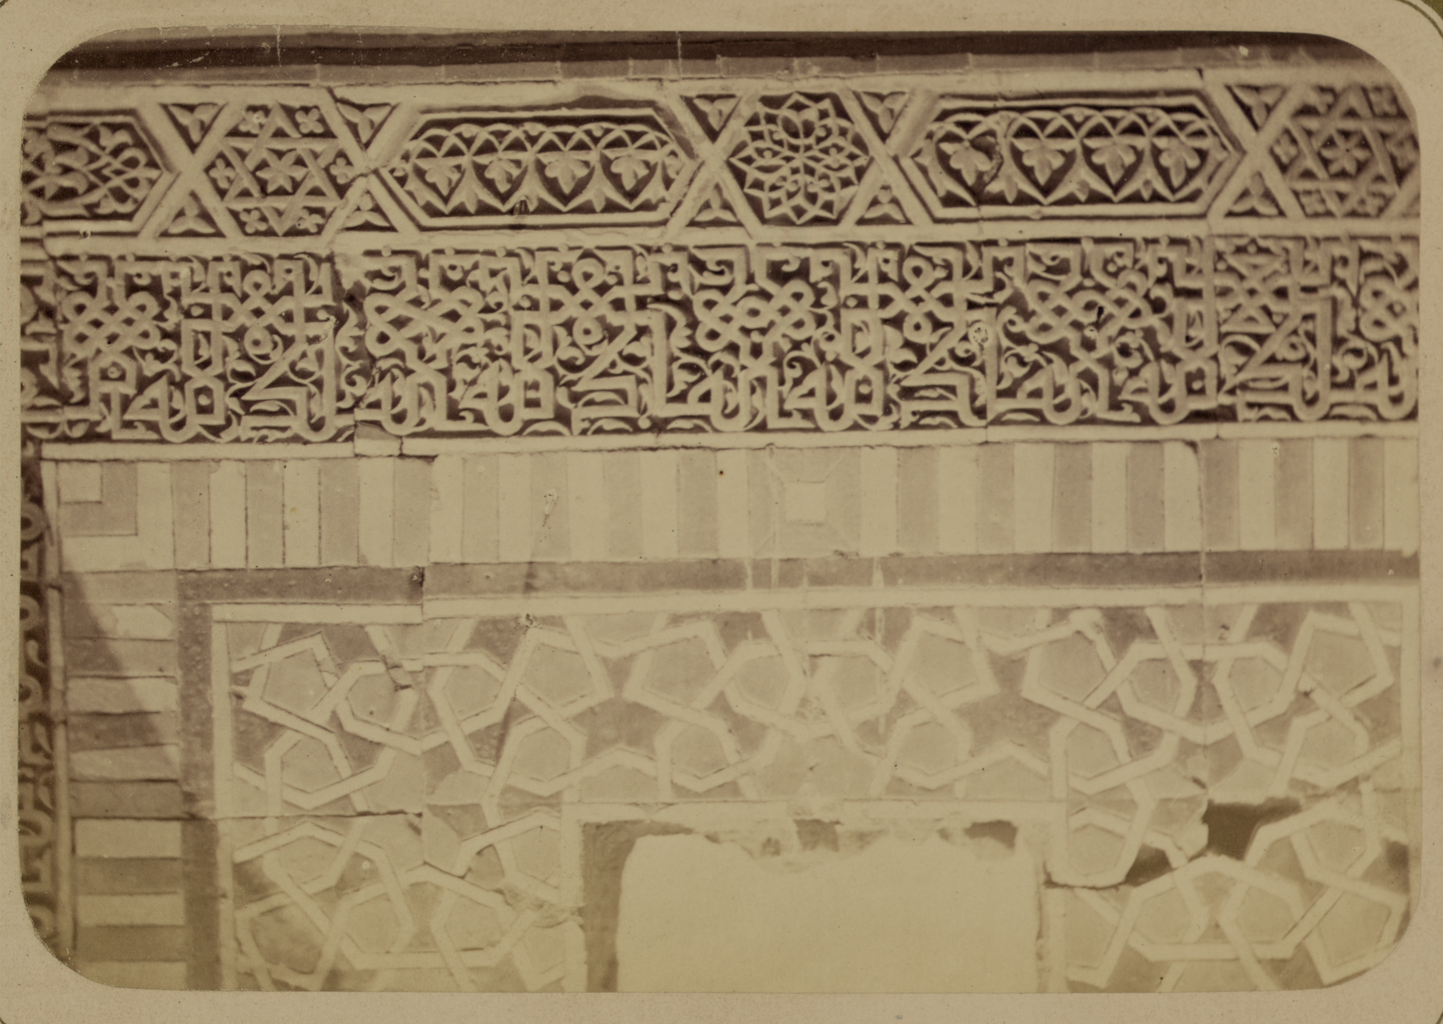 Мавзолей Ша-Арап. Часть надписи внутри мавзолея